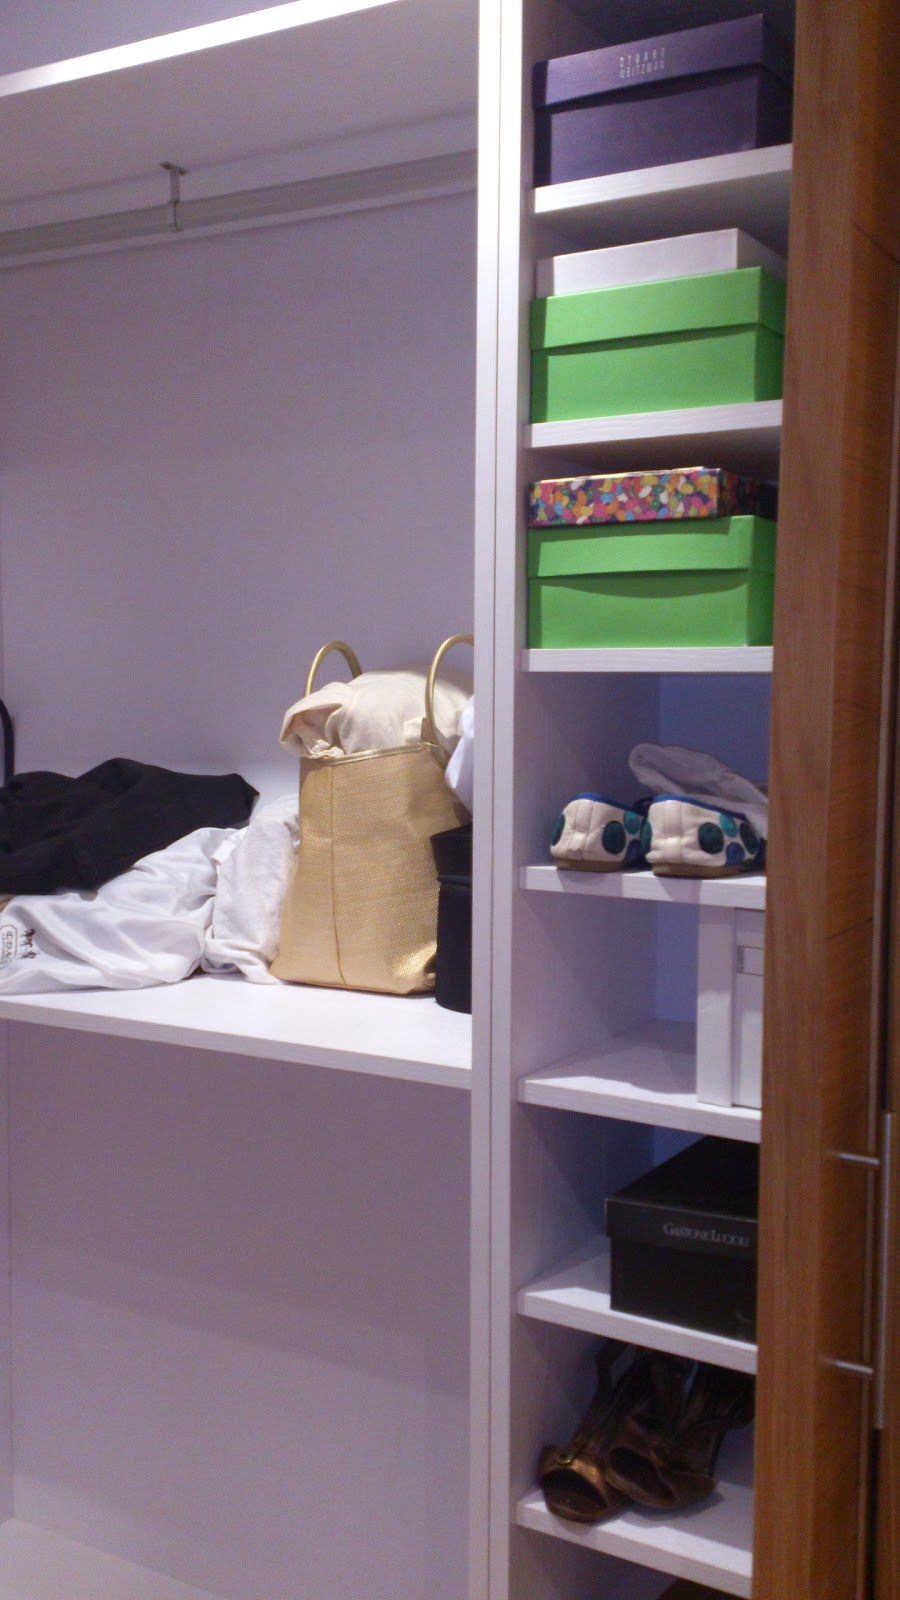 Interiorismo y decoracion lola torga un dormitorio con - Interiorismo dormitorios ...